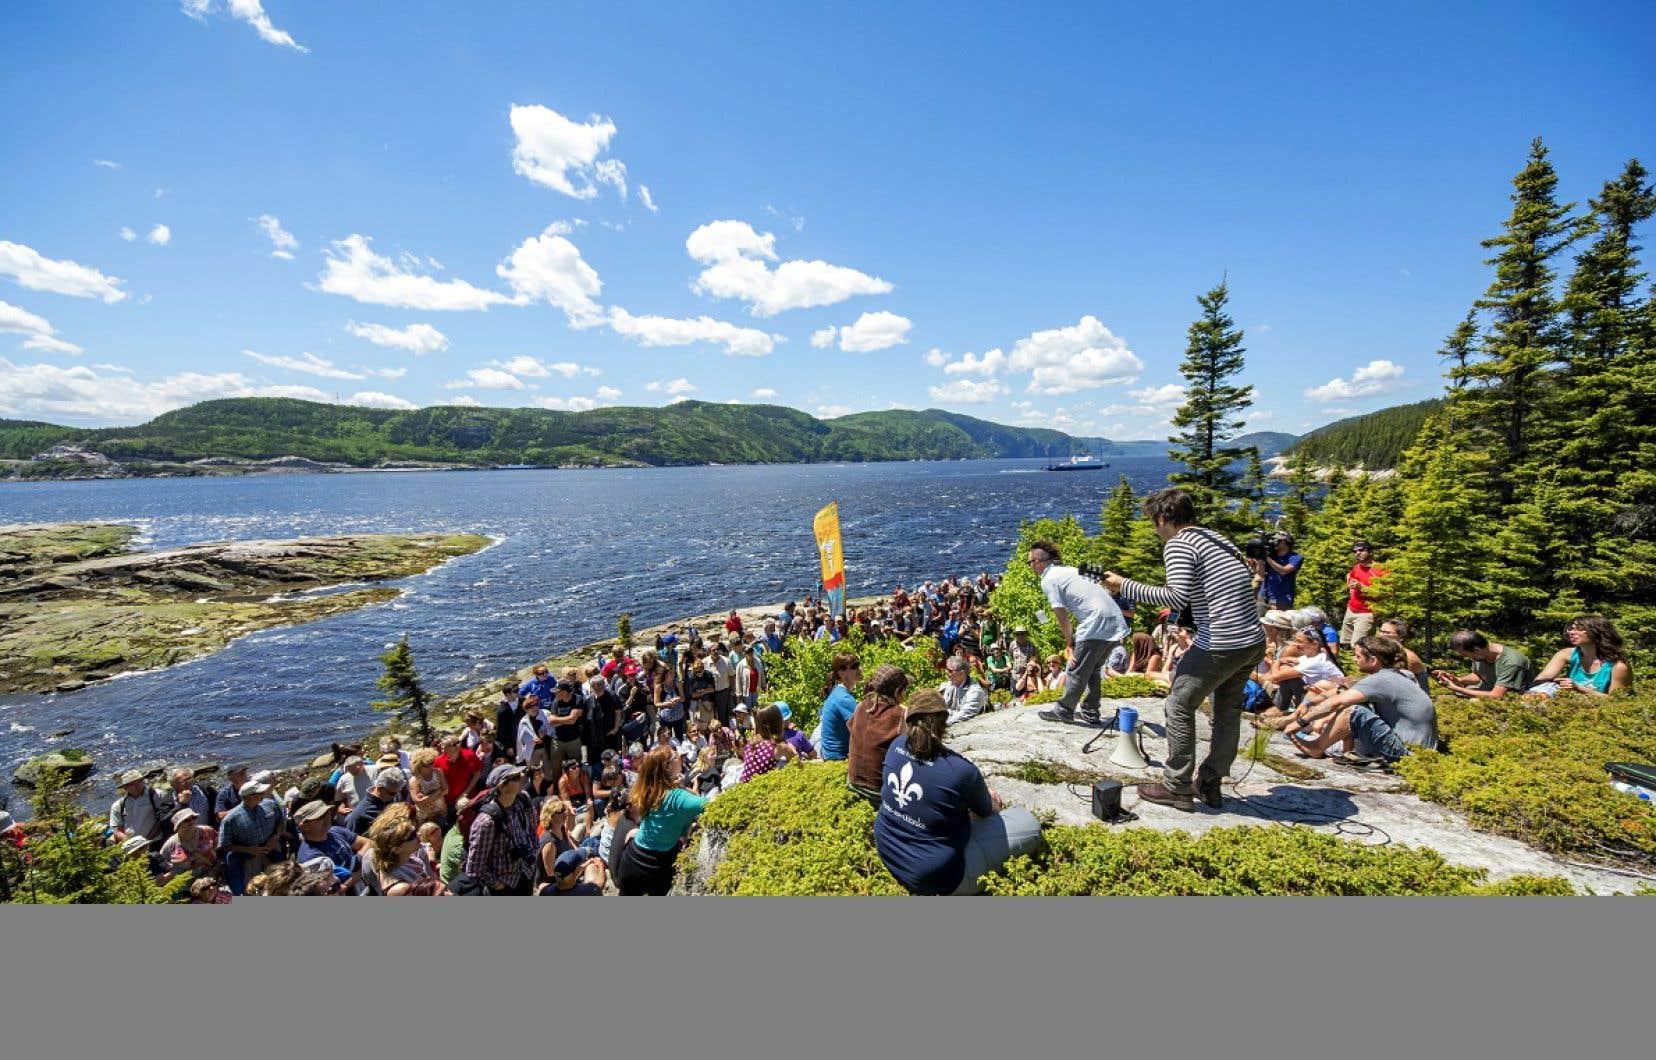 Le Festival de la chanson propose chaque année un spectacle en plein air à la Pointe-de-l'Islet, un endroit situé à l'embouchure du fjord du Saguenay.